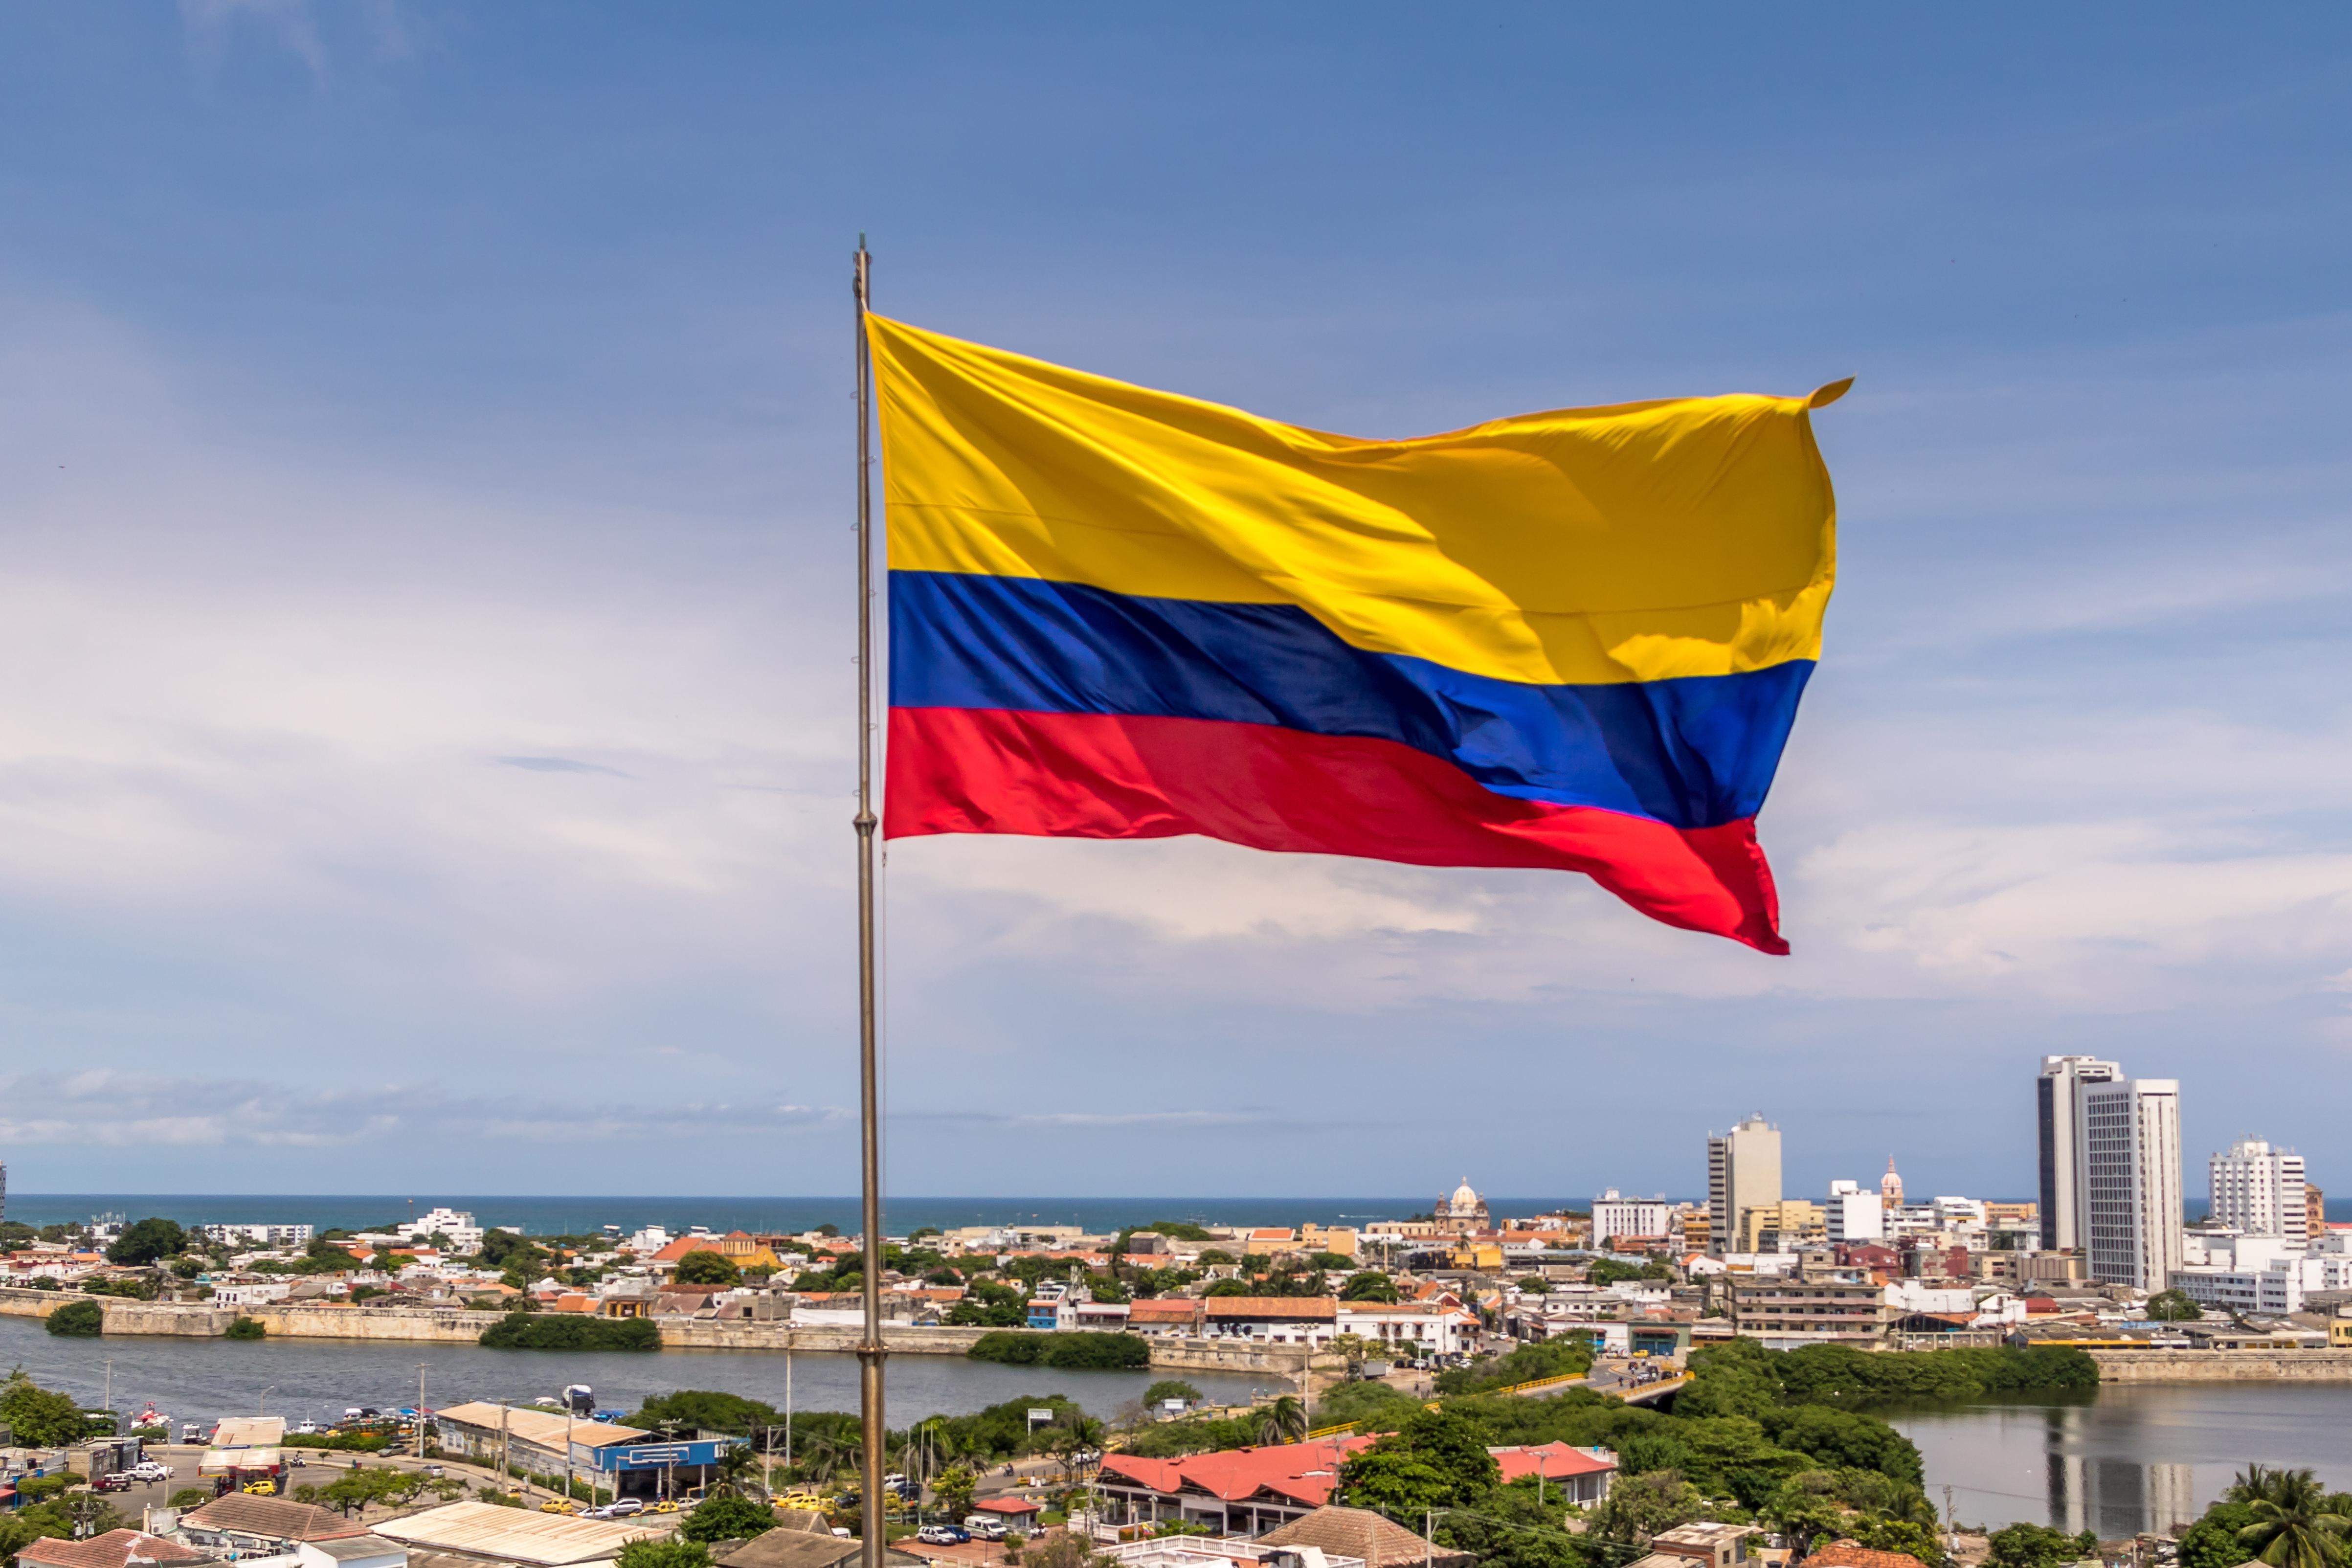 Флаг Колумбии, работа в которой доступна для иностранцев